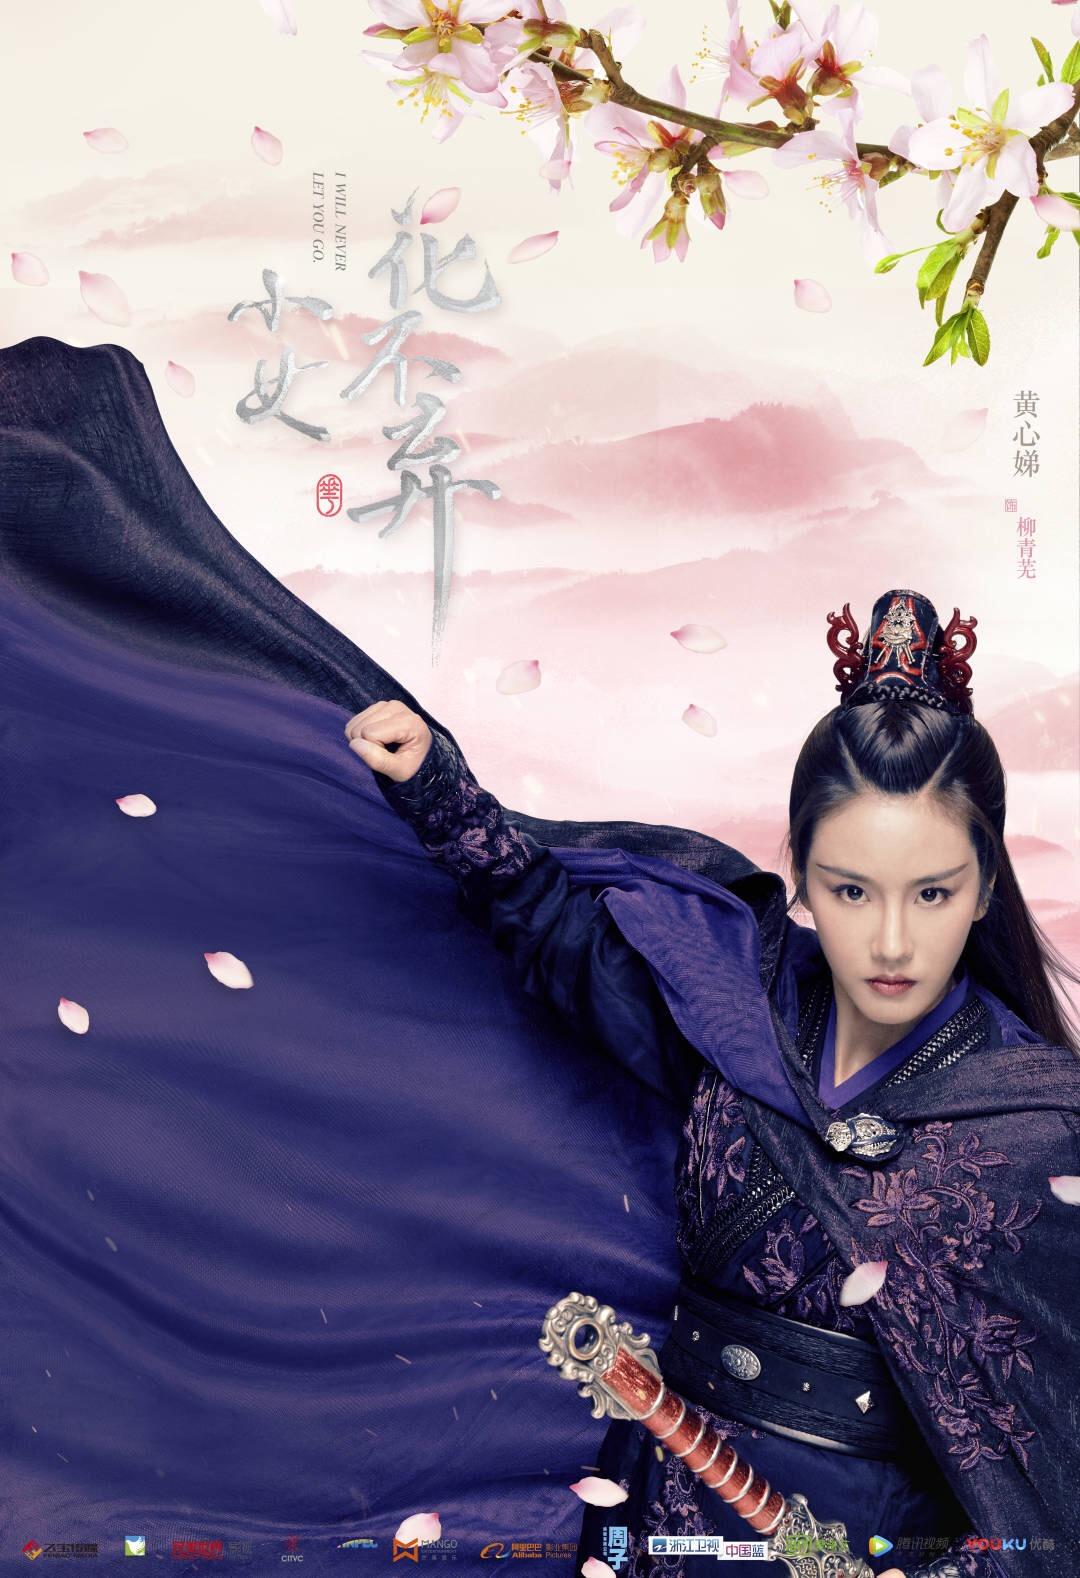 古装剧《小女花不弃》持续热播,林依晨师妹黄心娣塑造最美女杀手图片